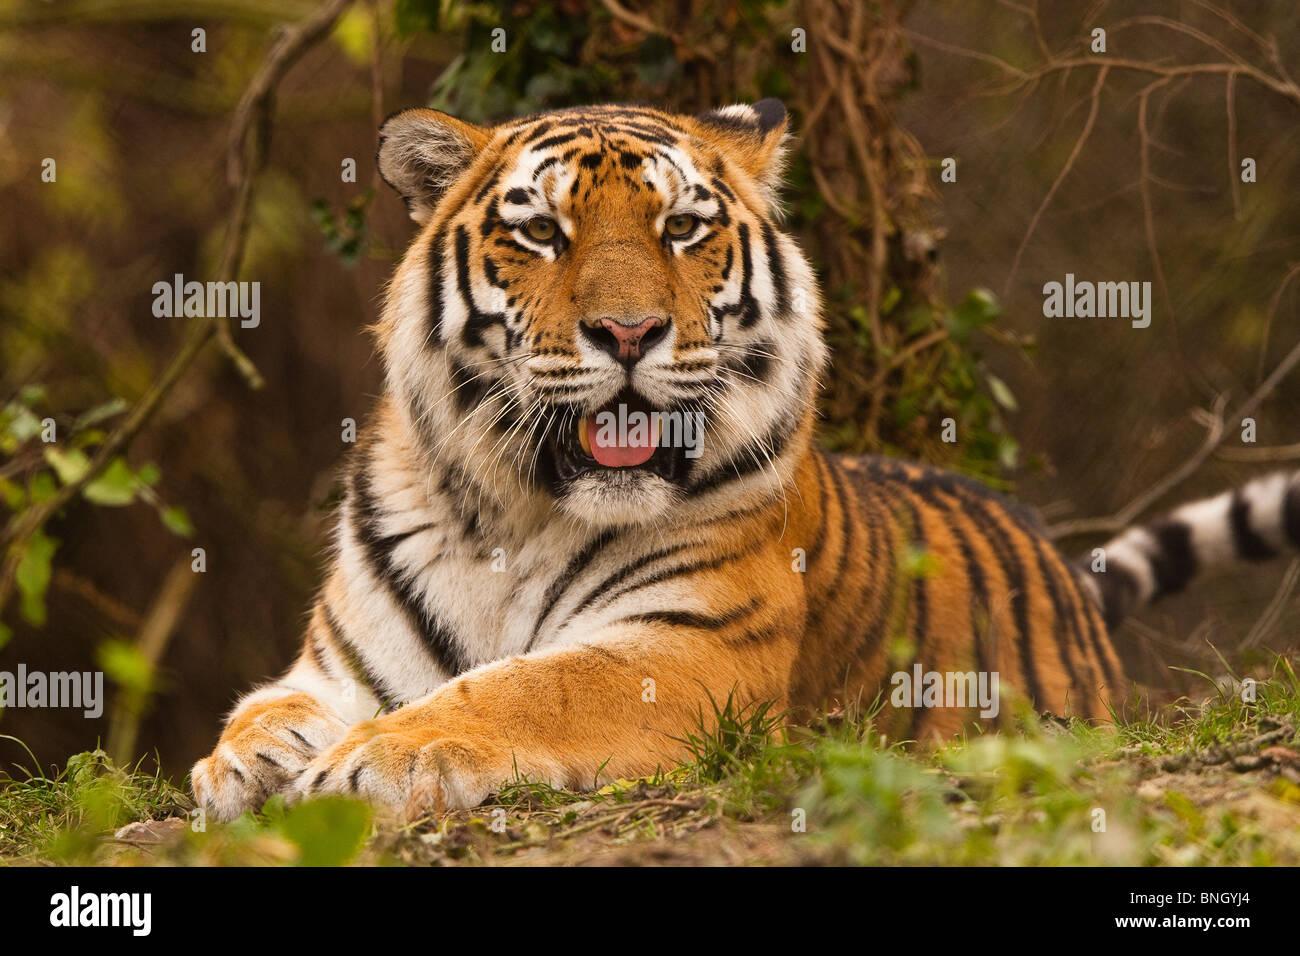 Tigre de Amur o siberiano Imagen De Stock